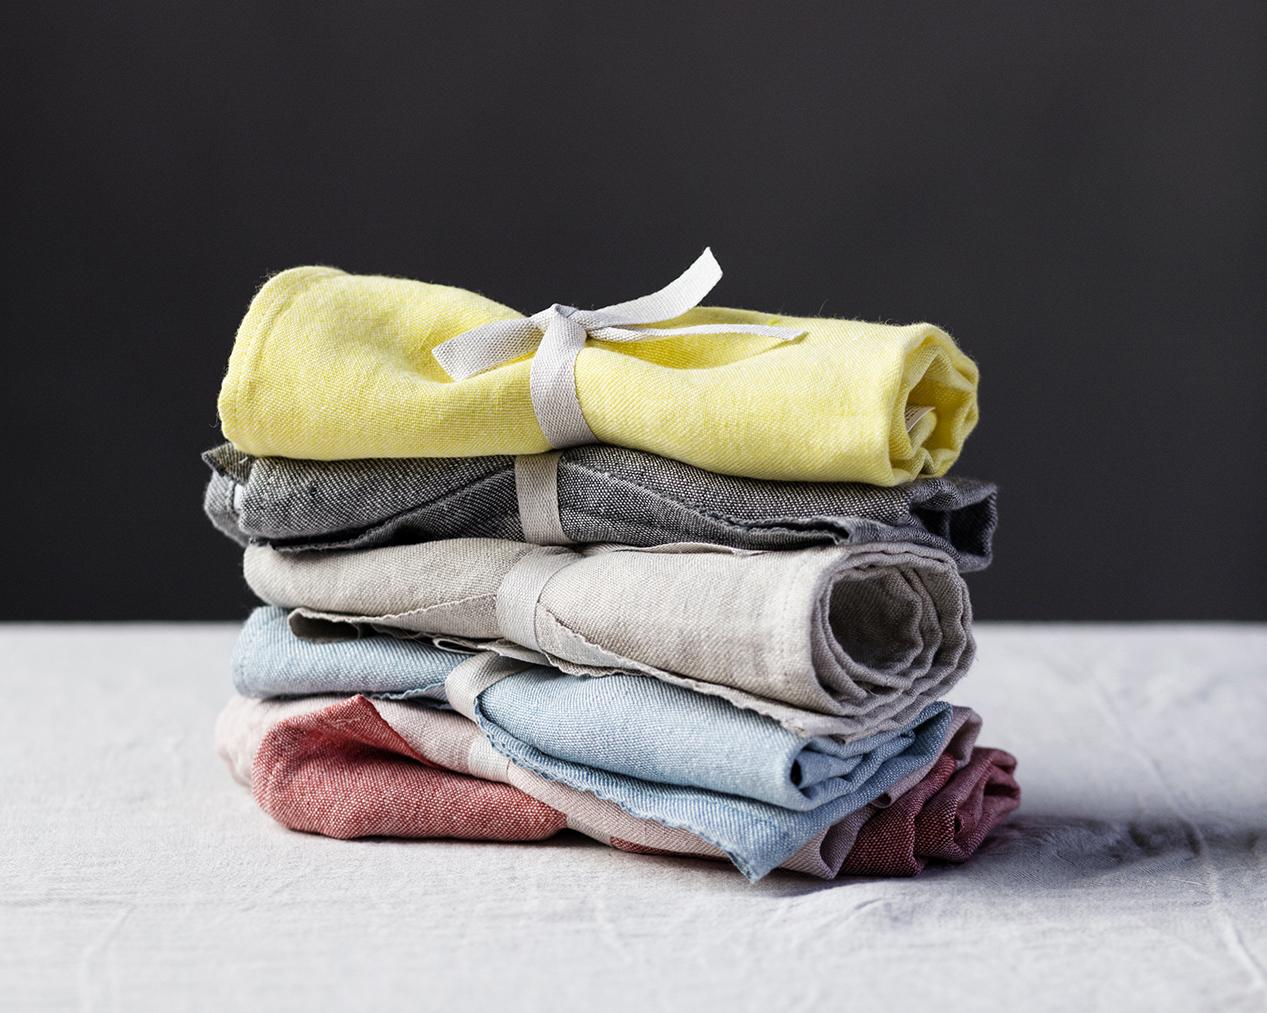 letni-textil-lapuan-kankurit7